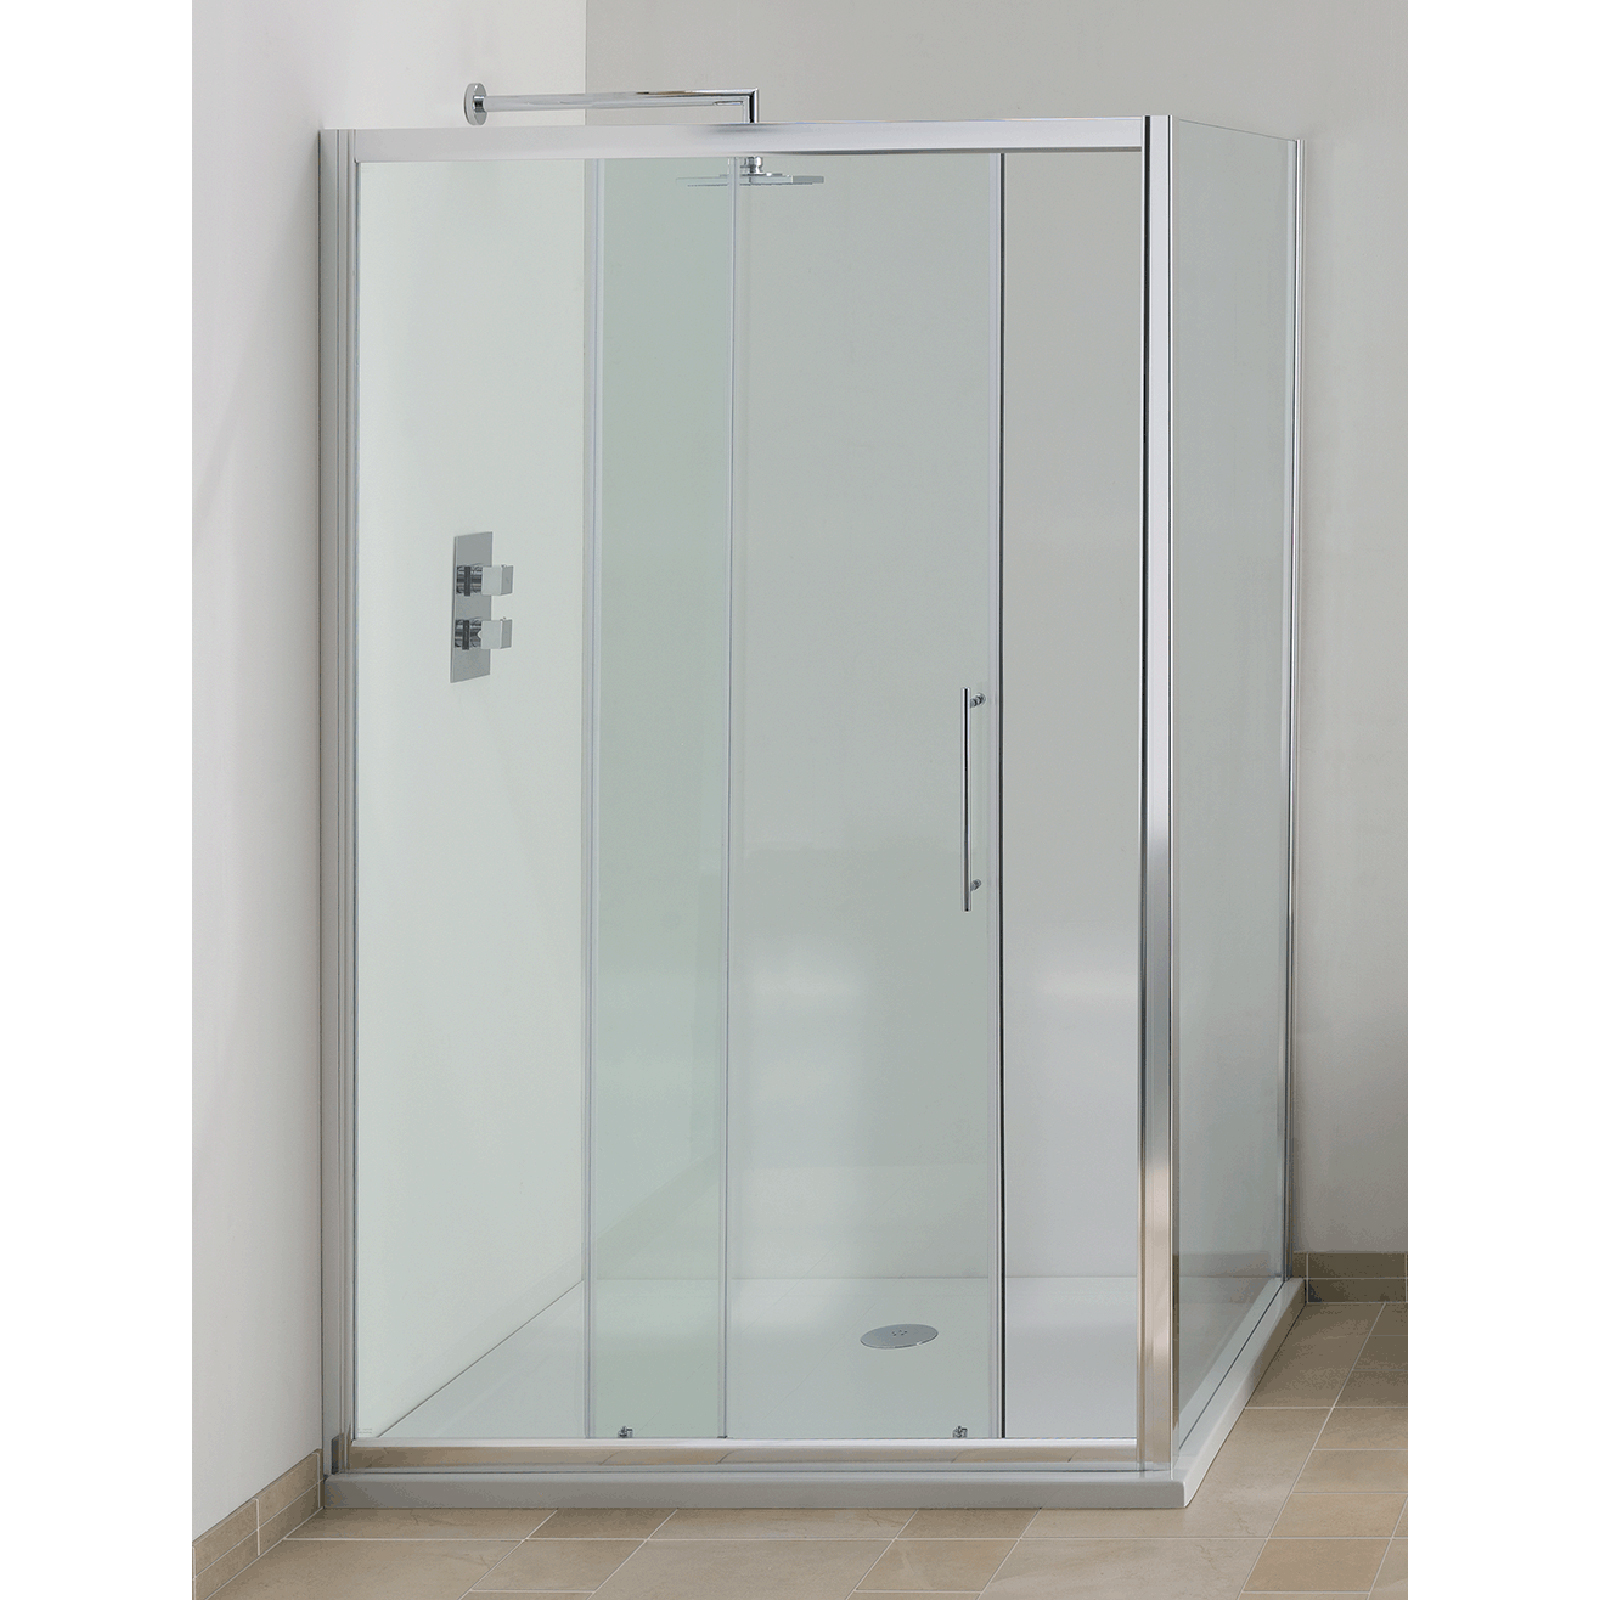 Allbits eden 6mm sliding shower door 1400mm at for 1400mm sliding shower door